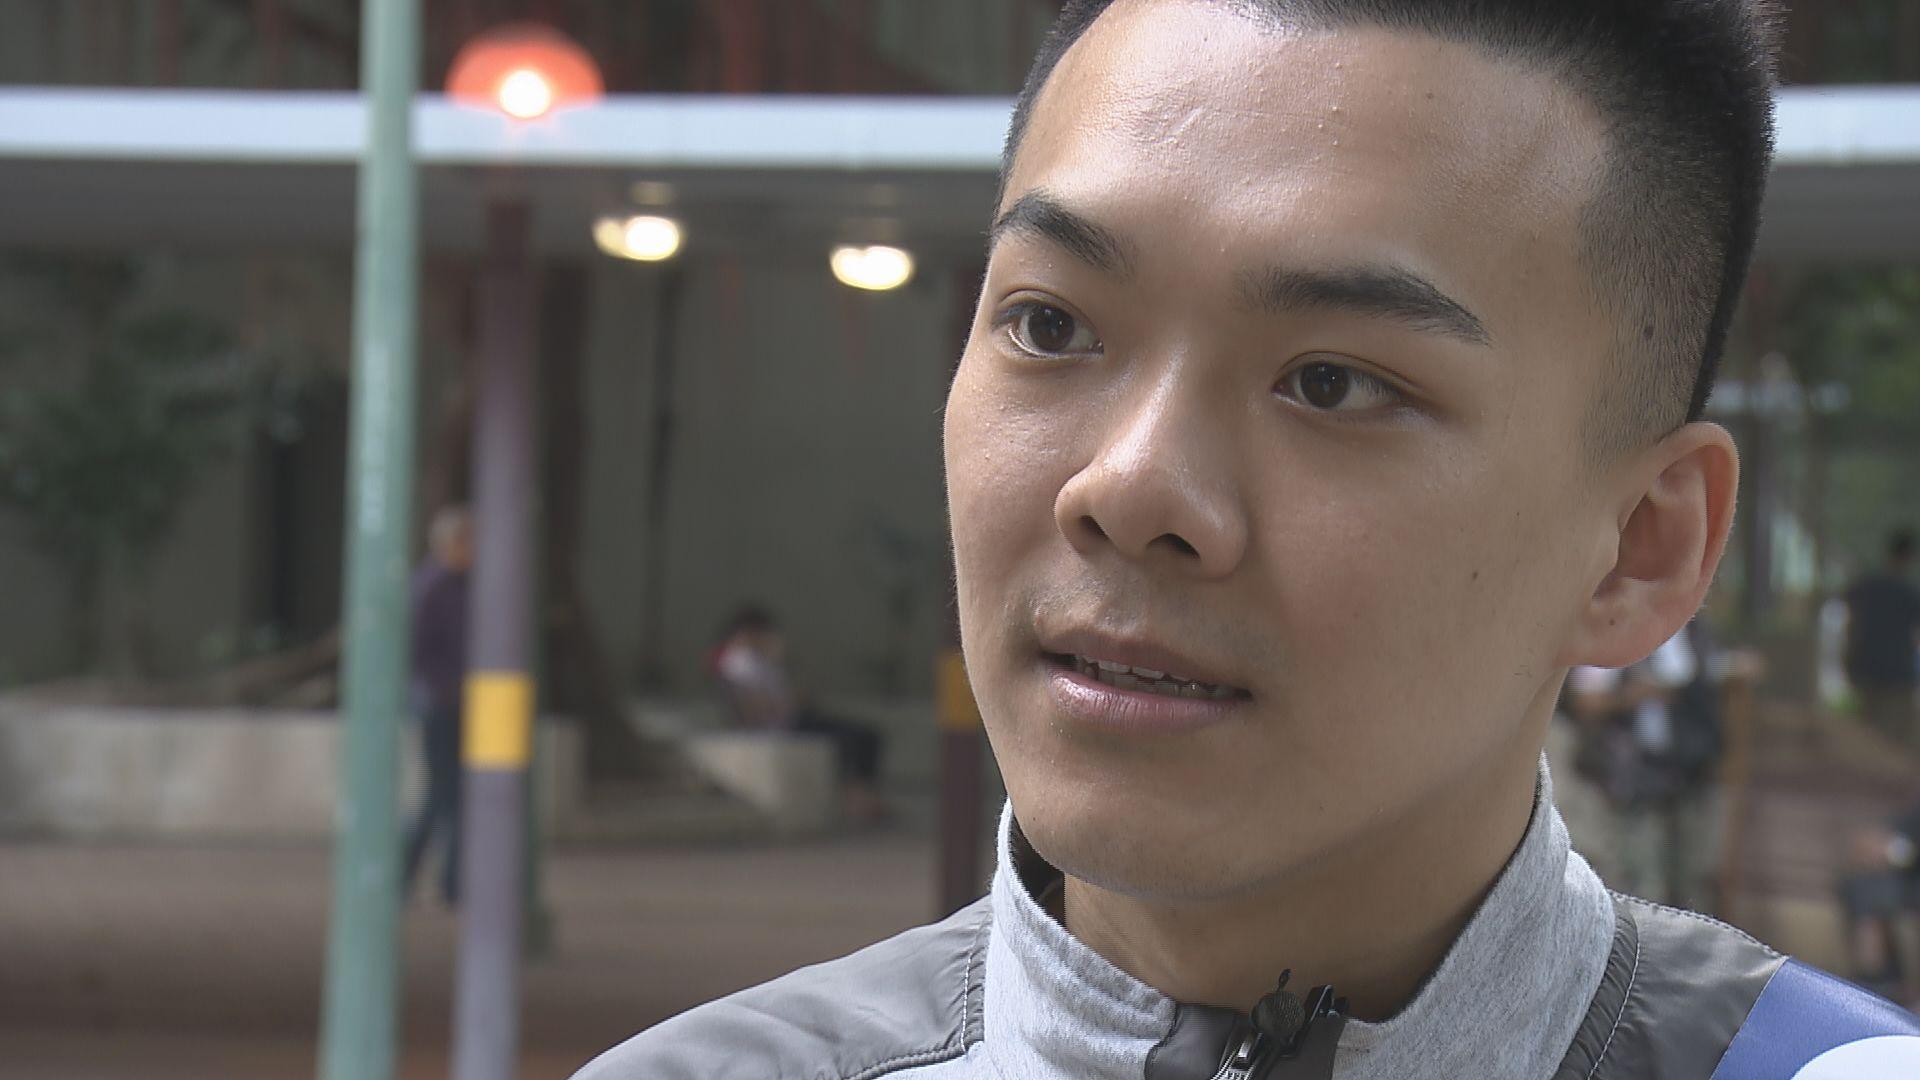 王進洋拒協助撐23條市民 民政署質疑違反指引